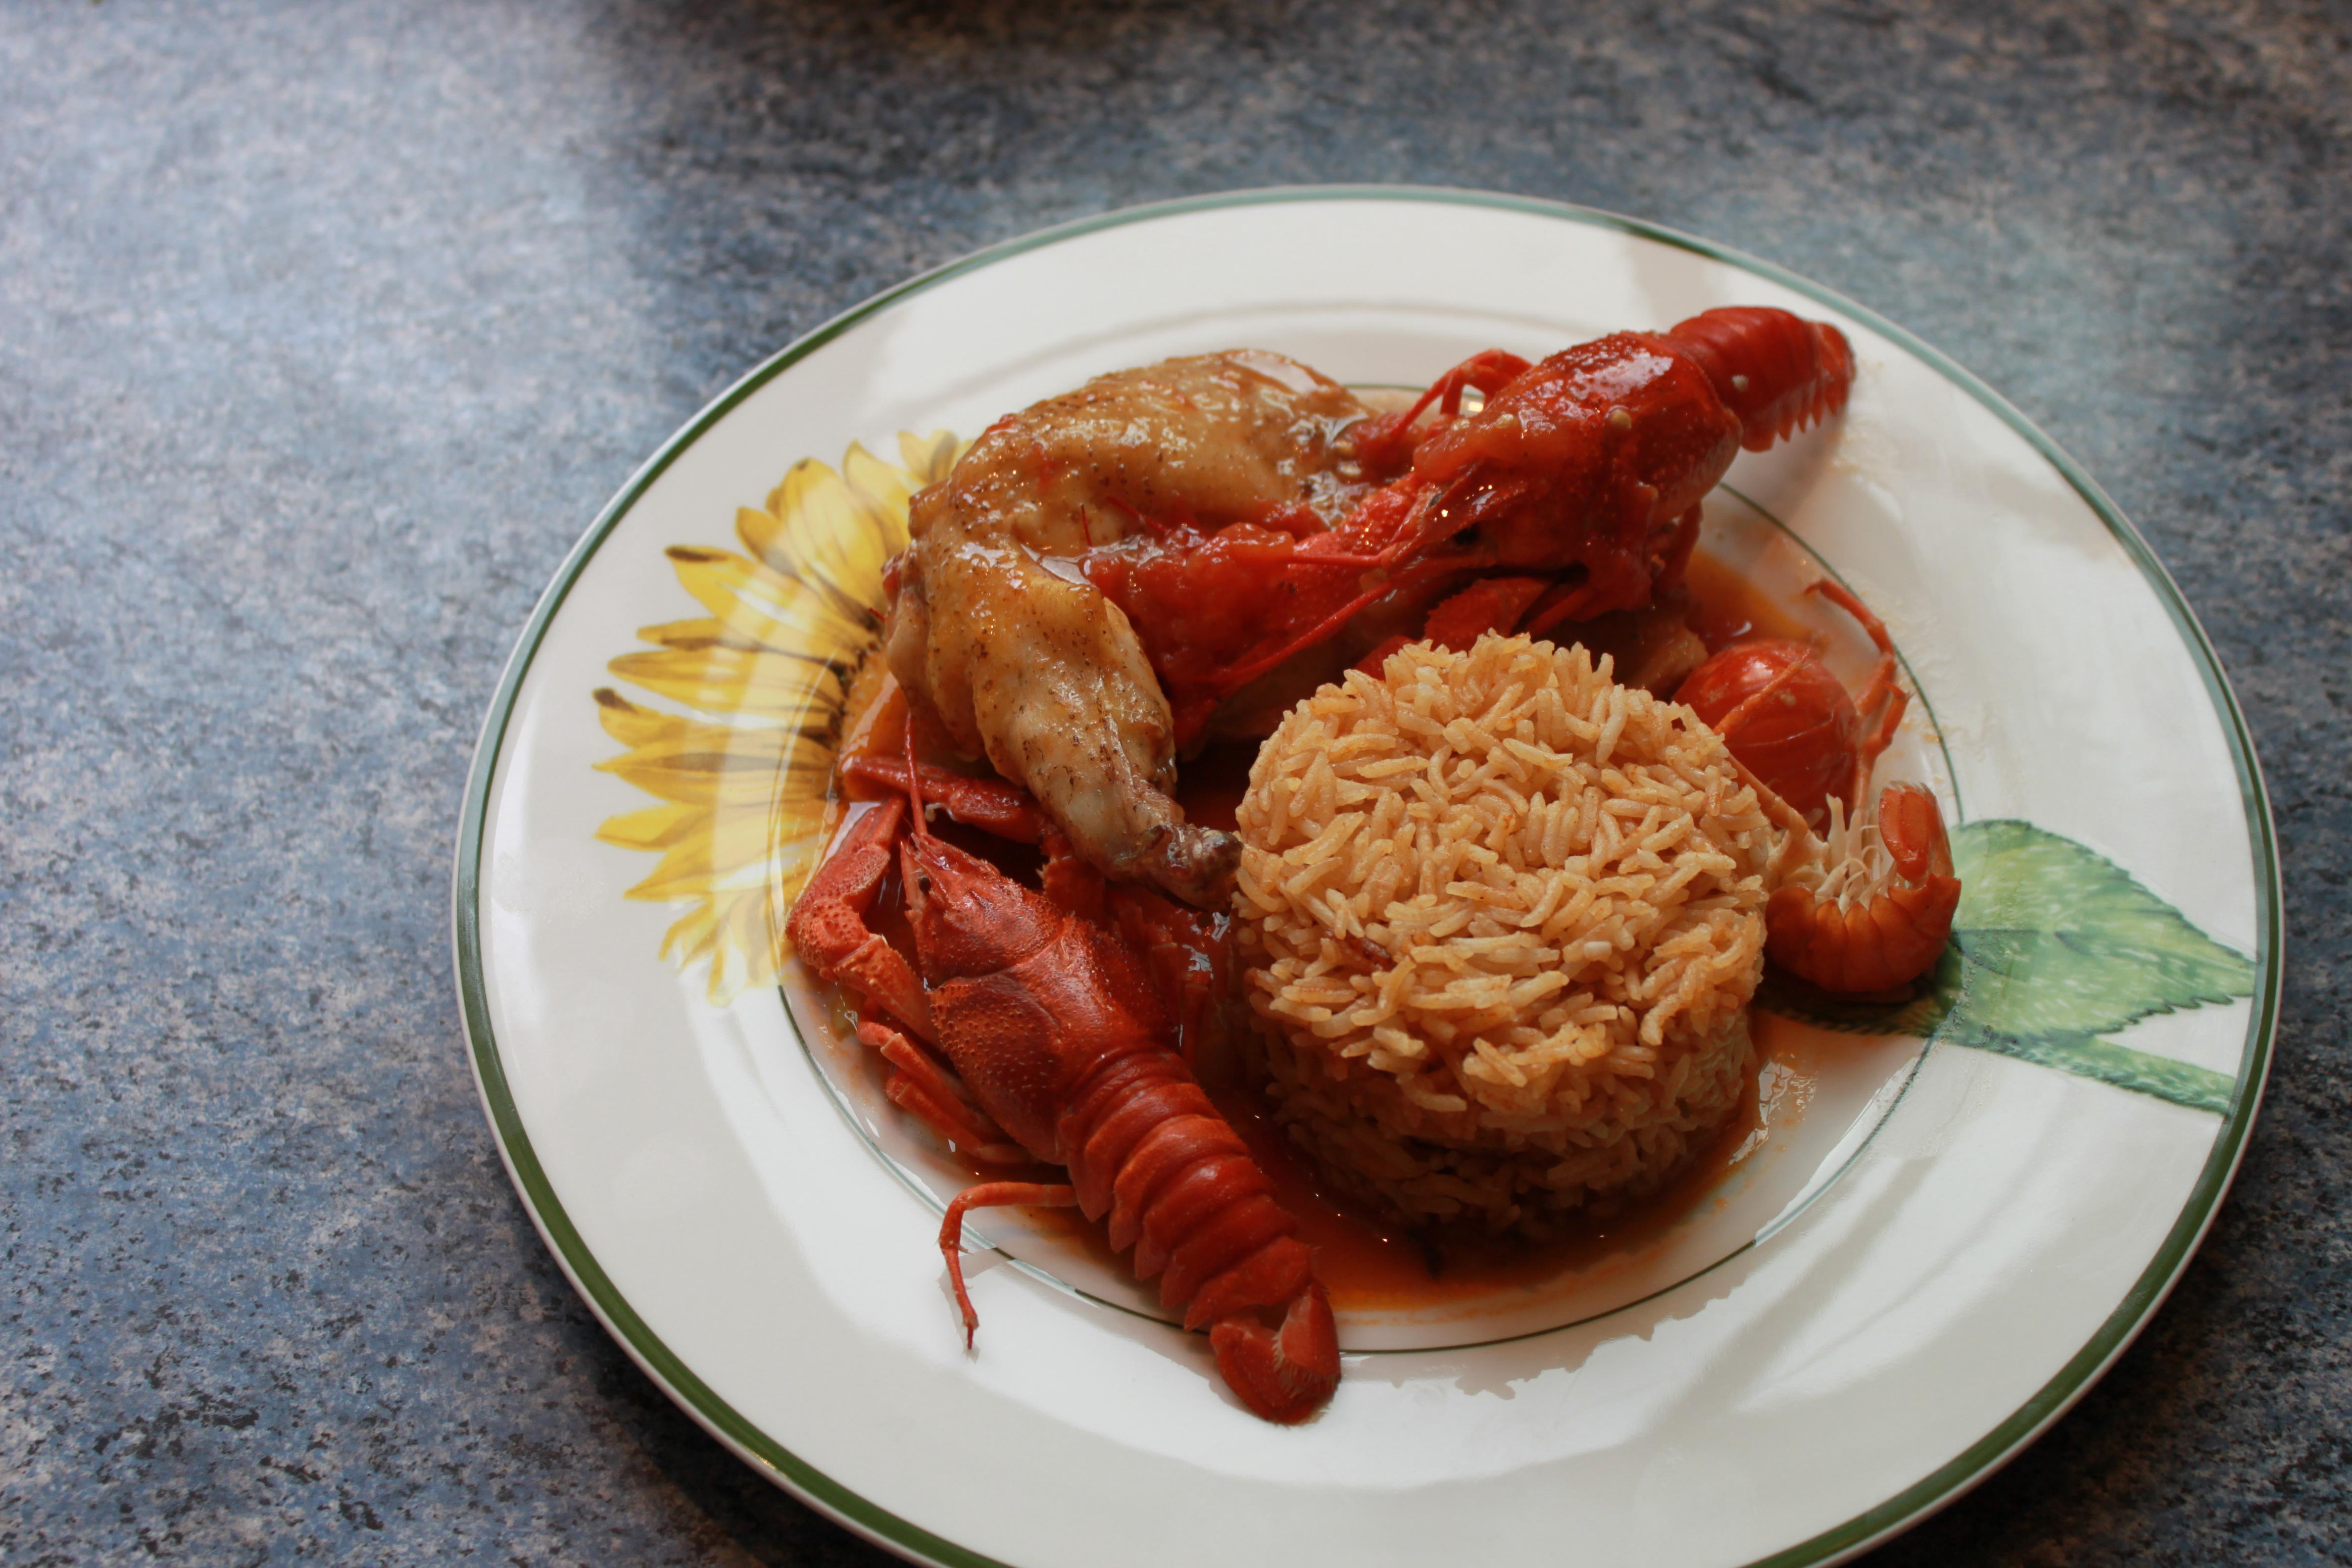 Poulet marengo la cuisine de g rald - Poulet marengo recette ...